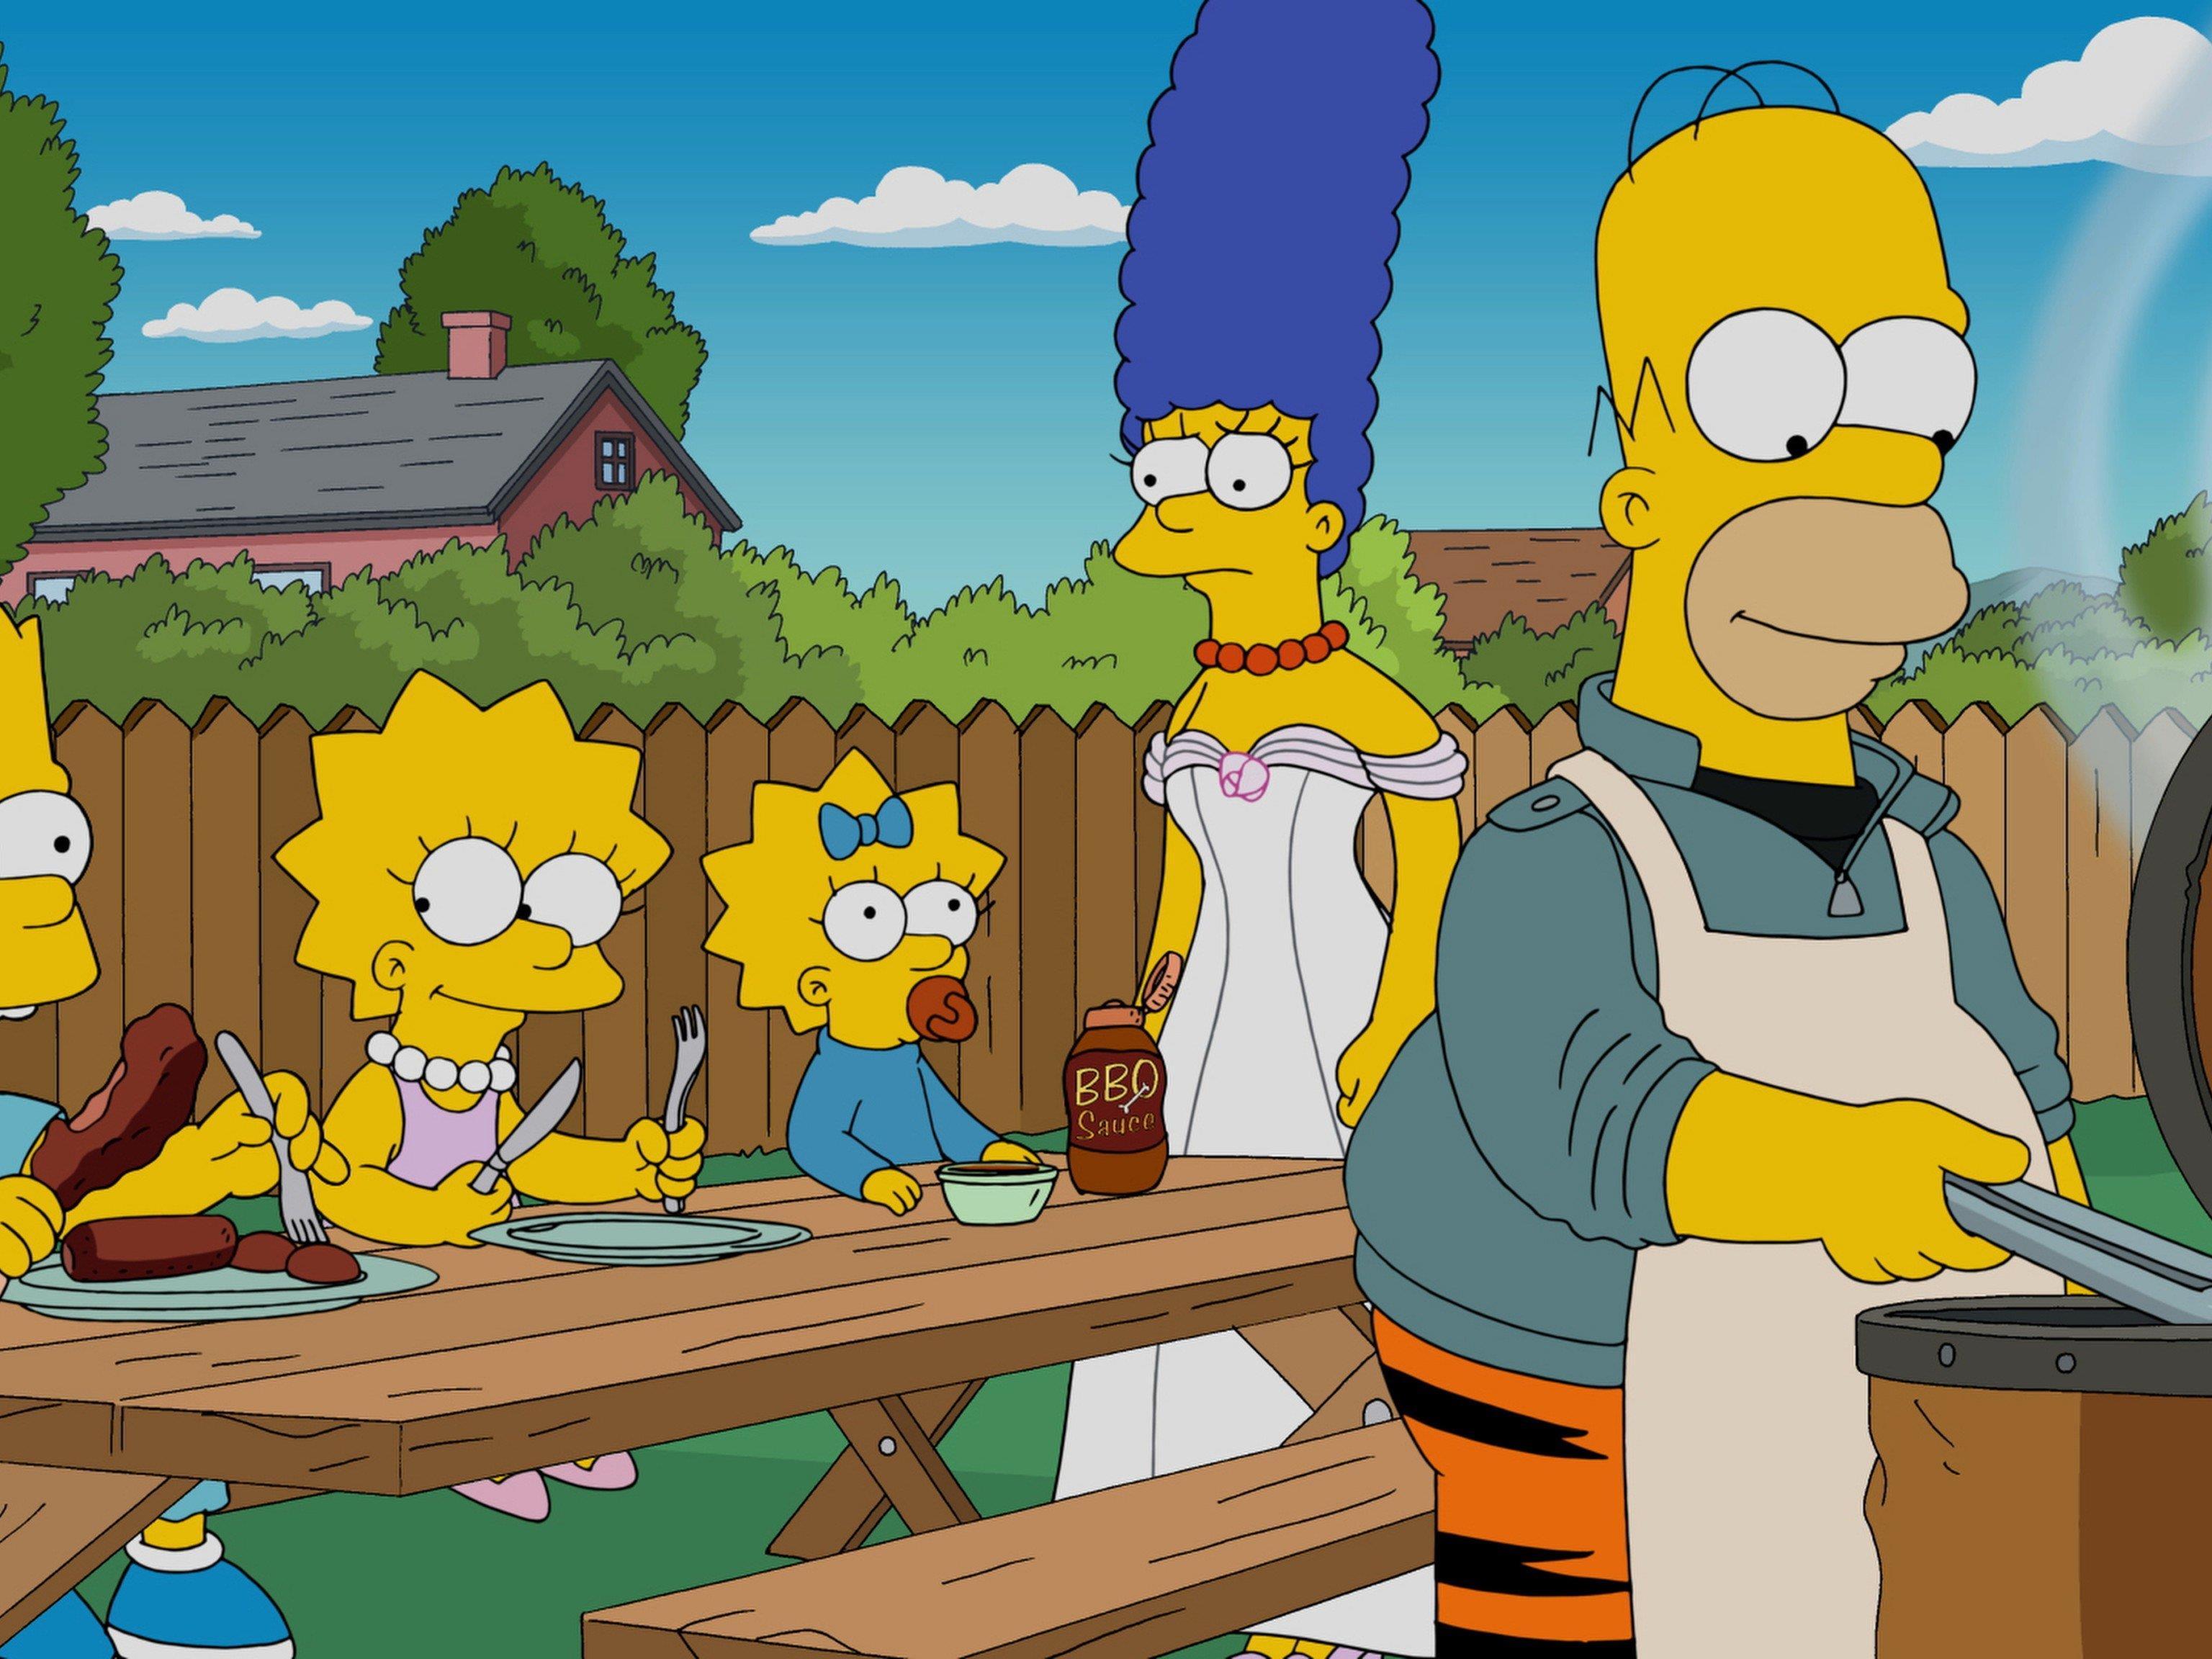 Marge, Homer, Bart oder Lisa?